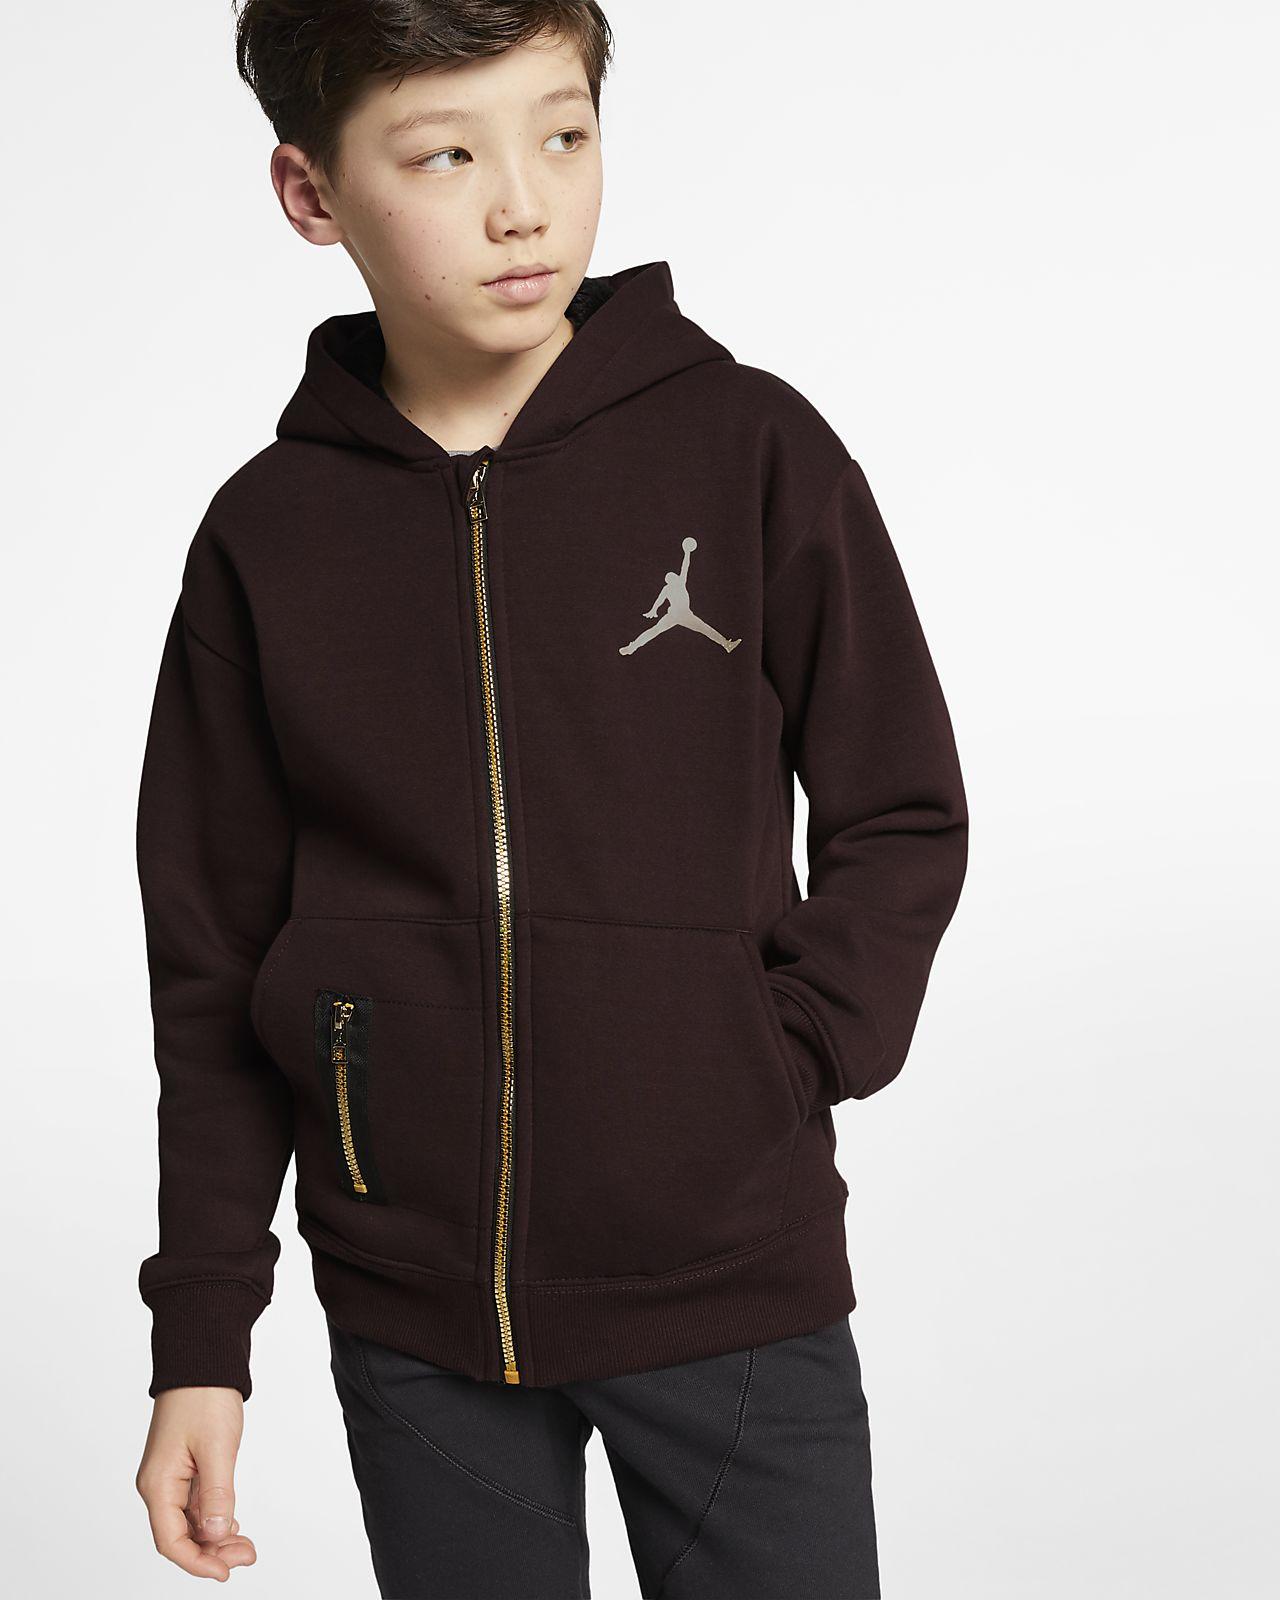 Rozpinana bluza z kapturem dla dużych dzieci (chłopców) Jordan